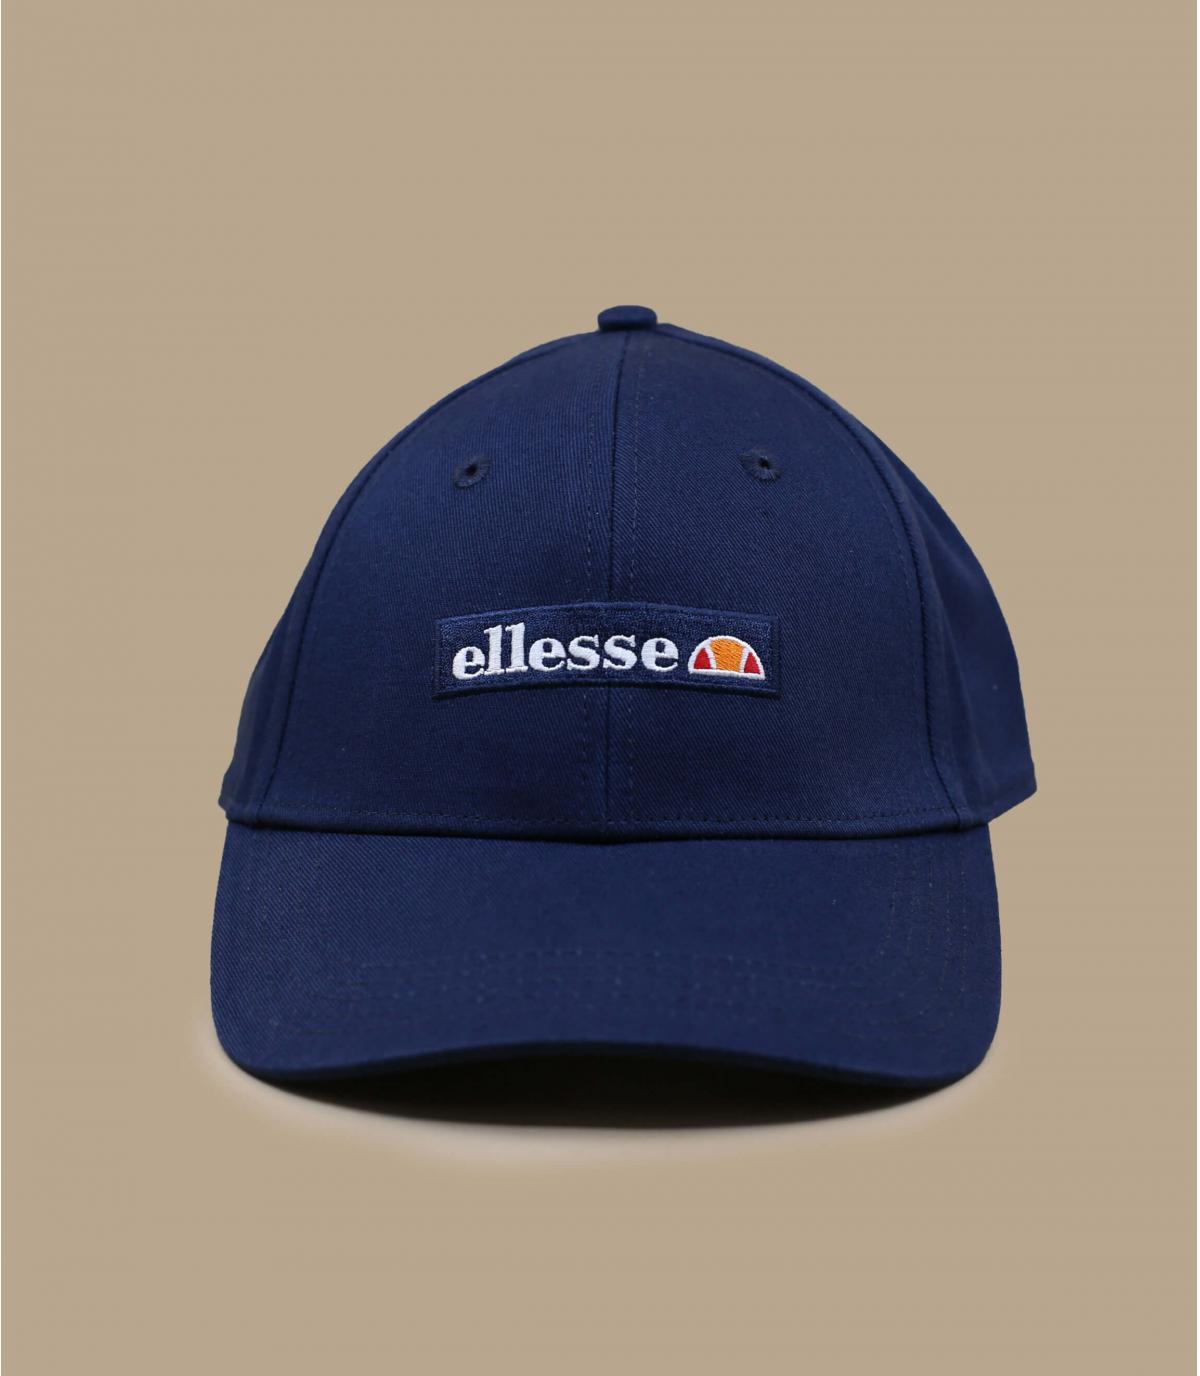 casquette Ellesse bleu marine